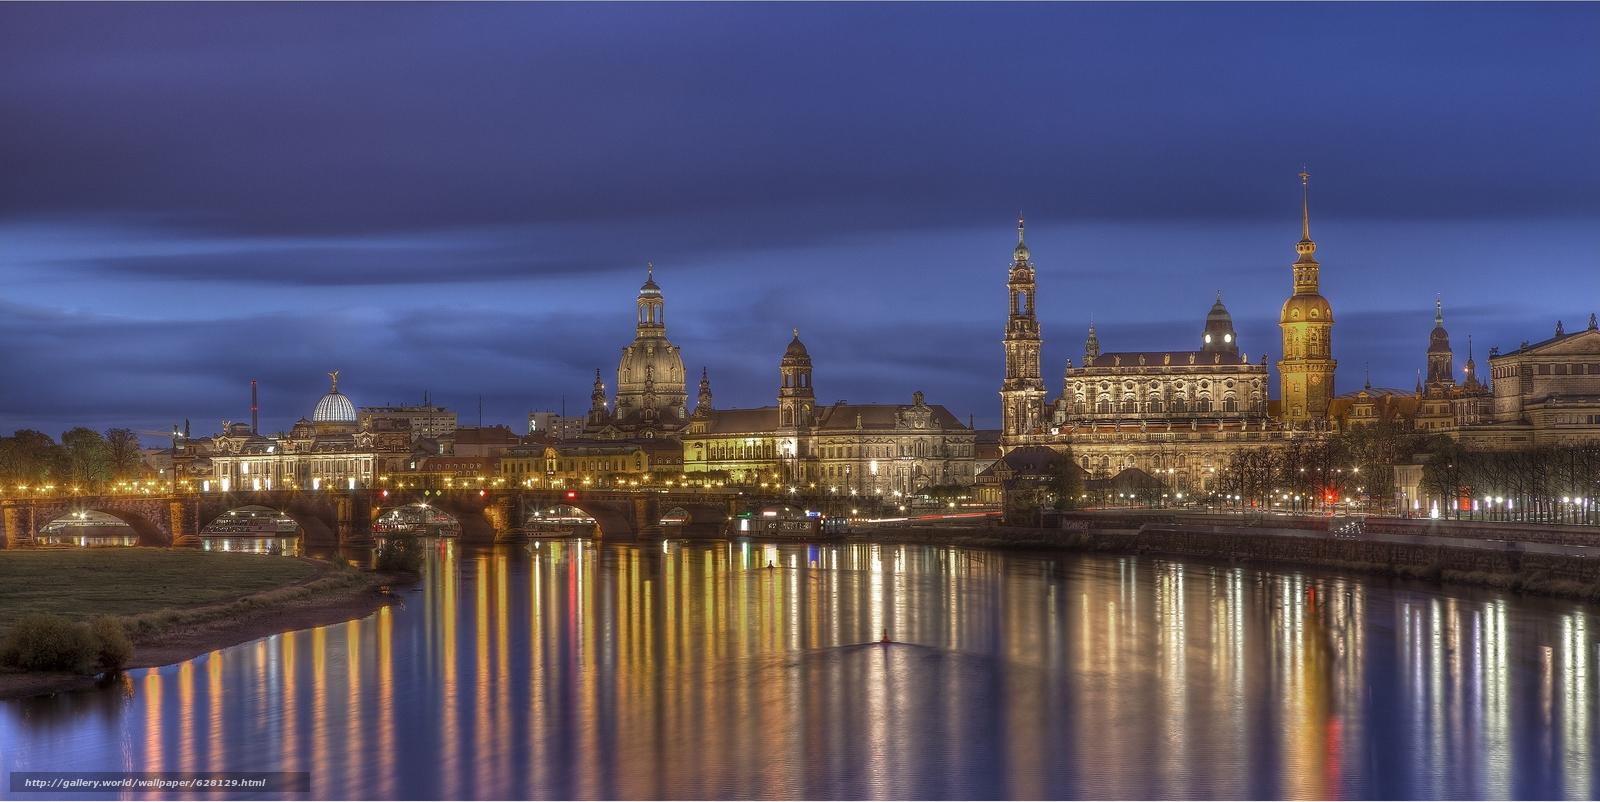 Скачать на телефон обои фото картинку на тему Дрезден, Германия, река Эльба, разширение 3543x1775